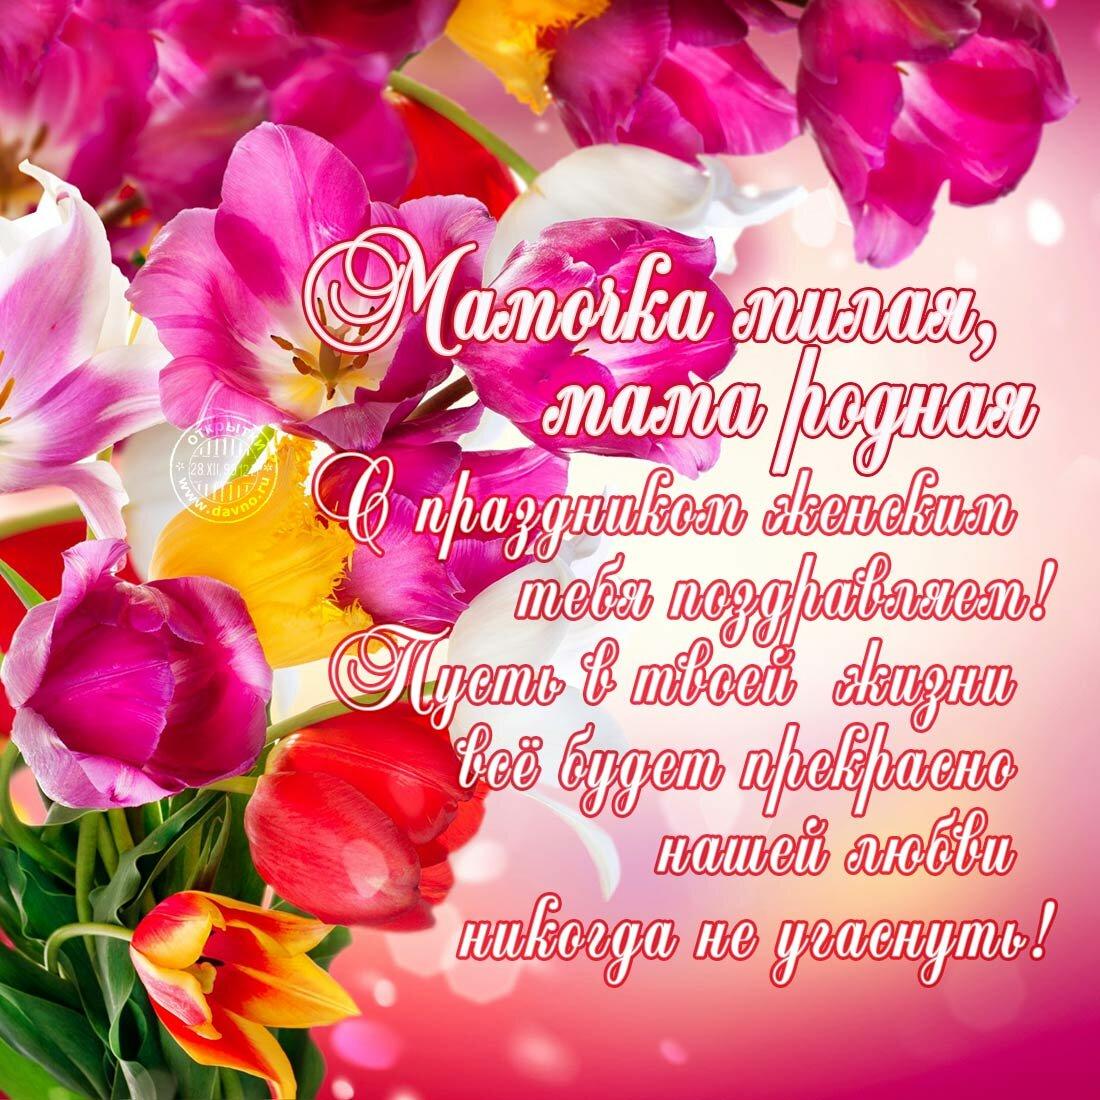 Поздравление открытка с 8 марта маме